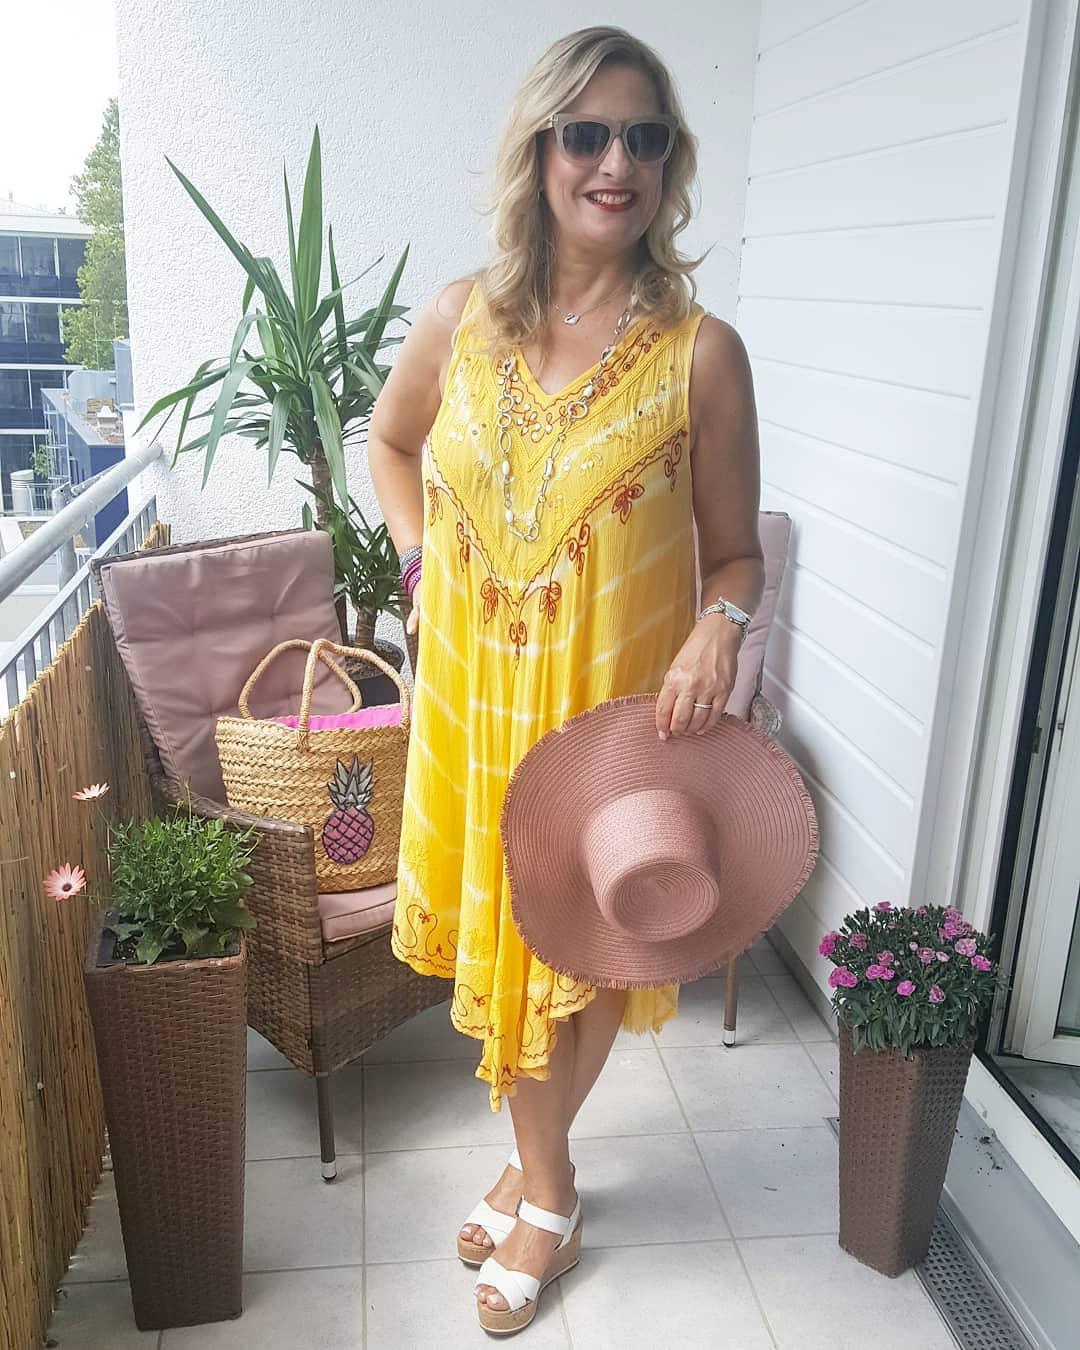 летний бохо стиль 2019 для женщин 40-50 лет фото 7